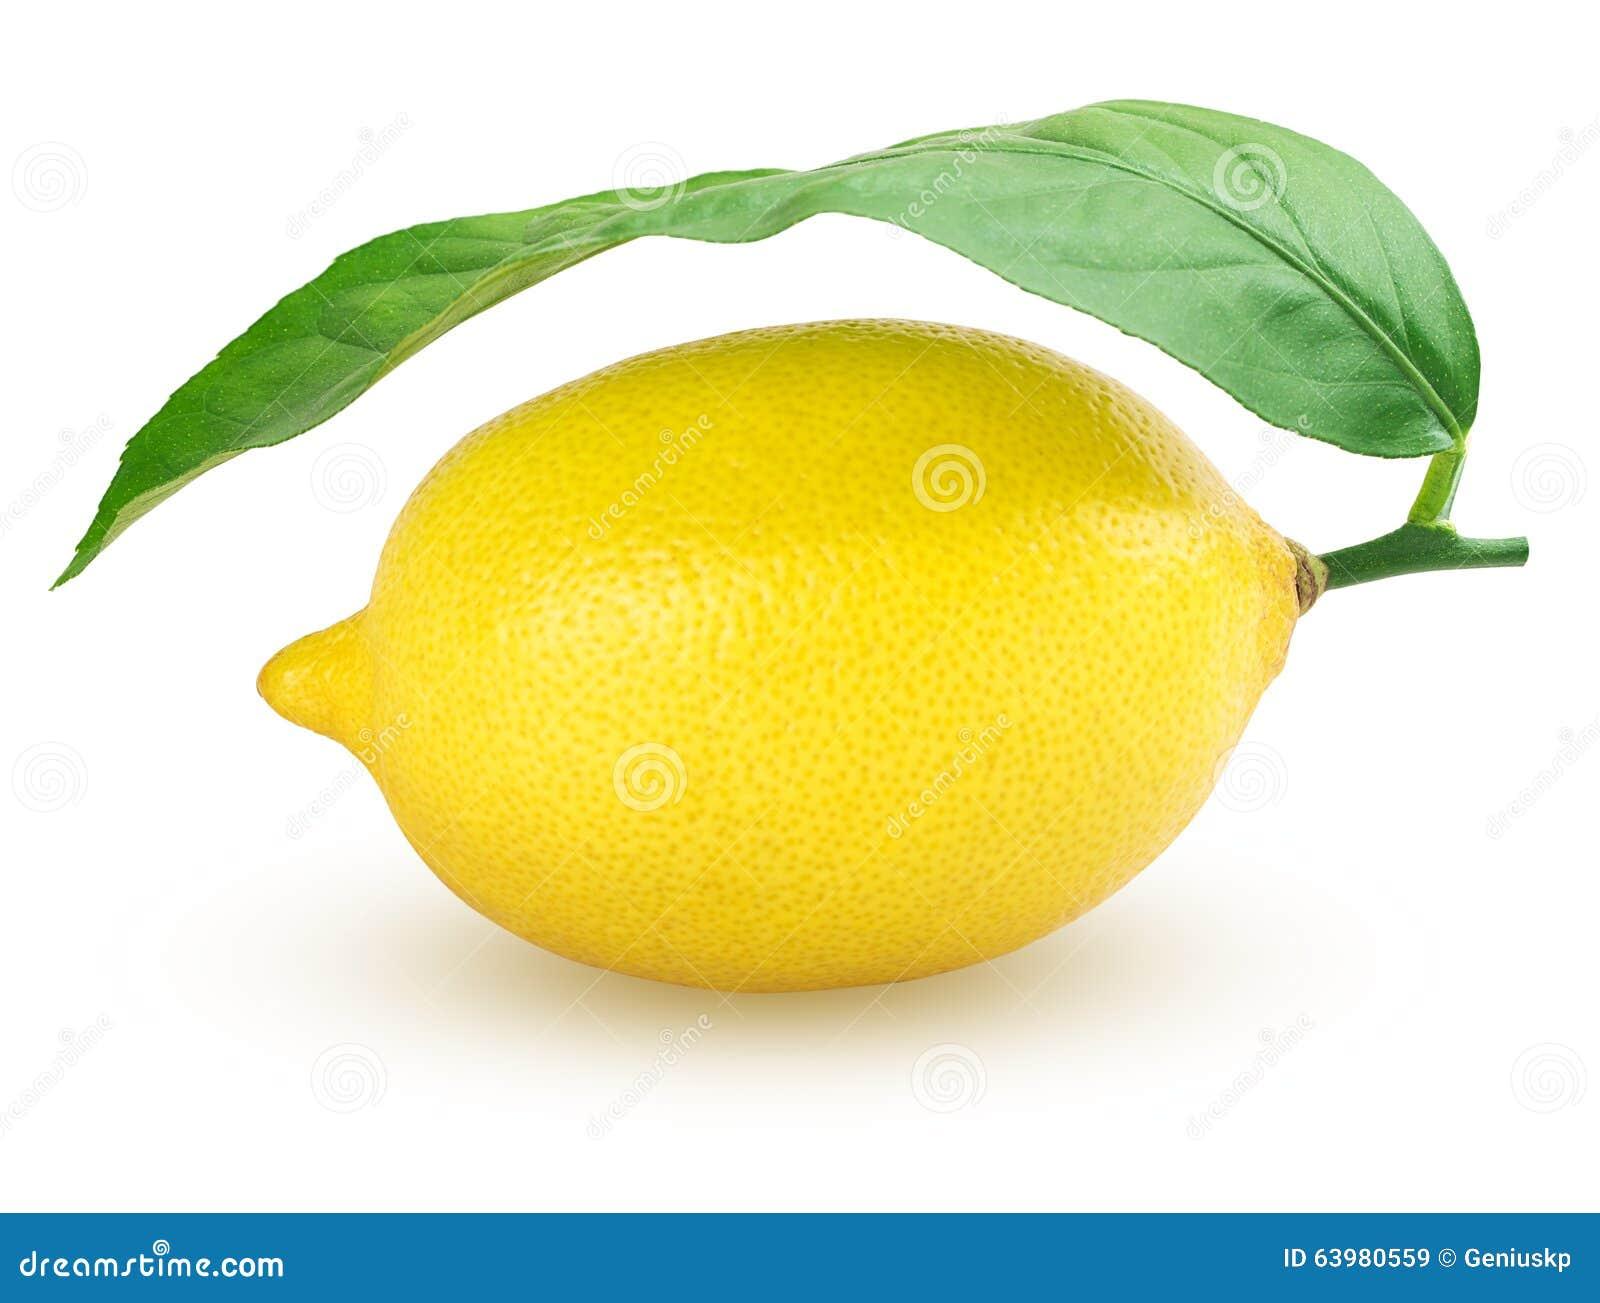 La combinaison citron bicarbonate de soude est 10000 - Traitement mildiou tomate bicarbonate soude ...